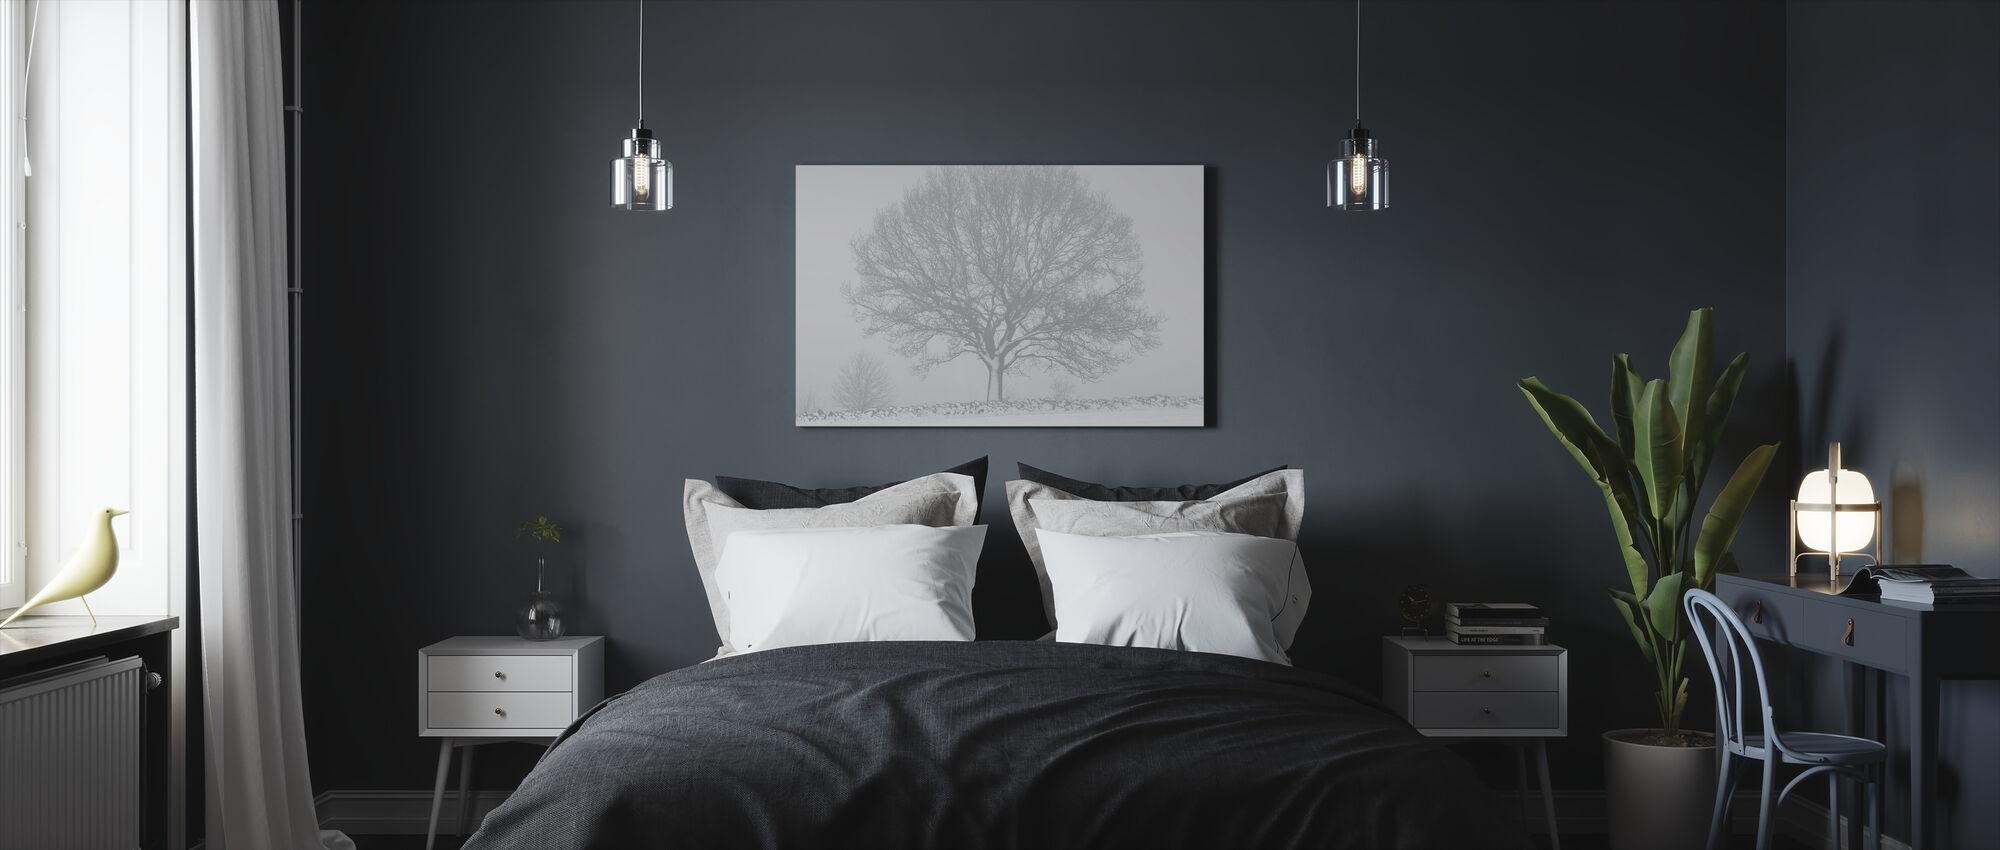 Talvi puu kivimuuri - Canvastaulu - Makuuhuone